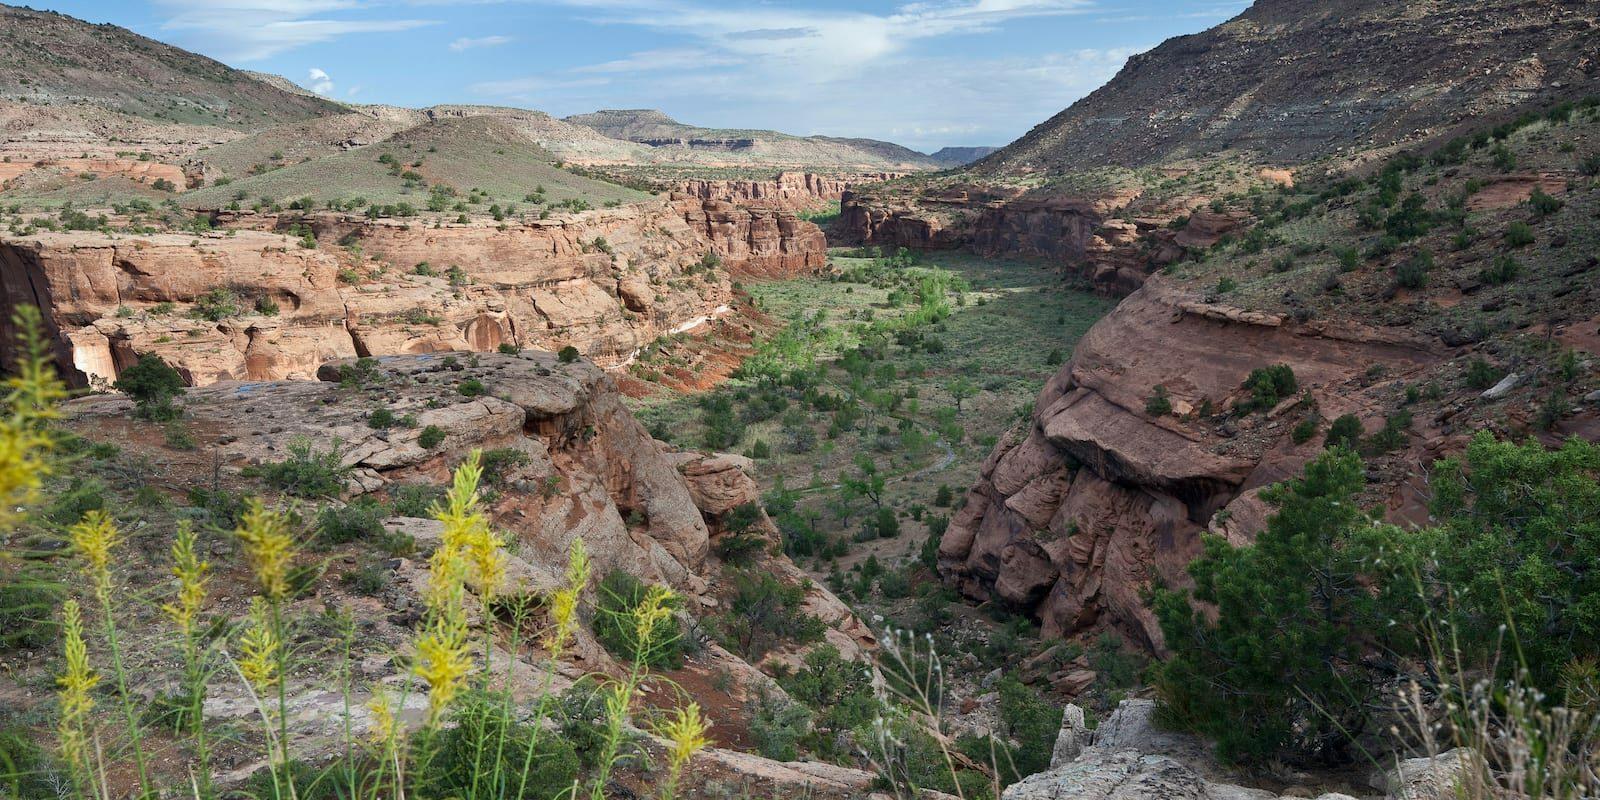 Dominguez-Escalante NCA Hiking Delta Colorado